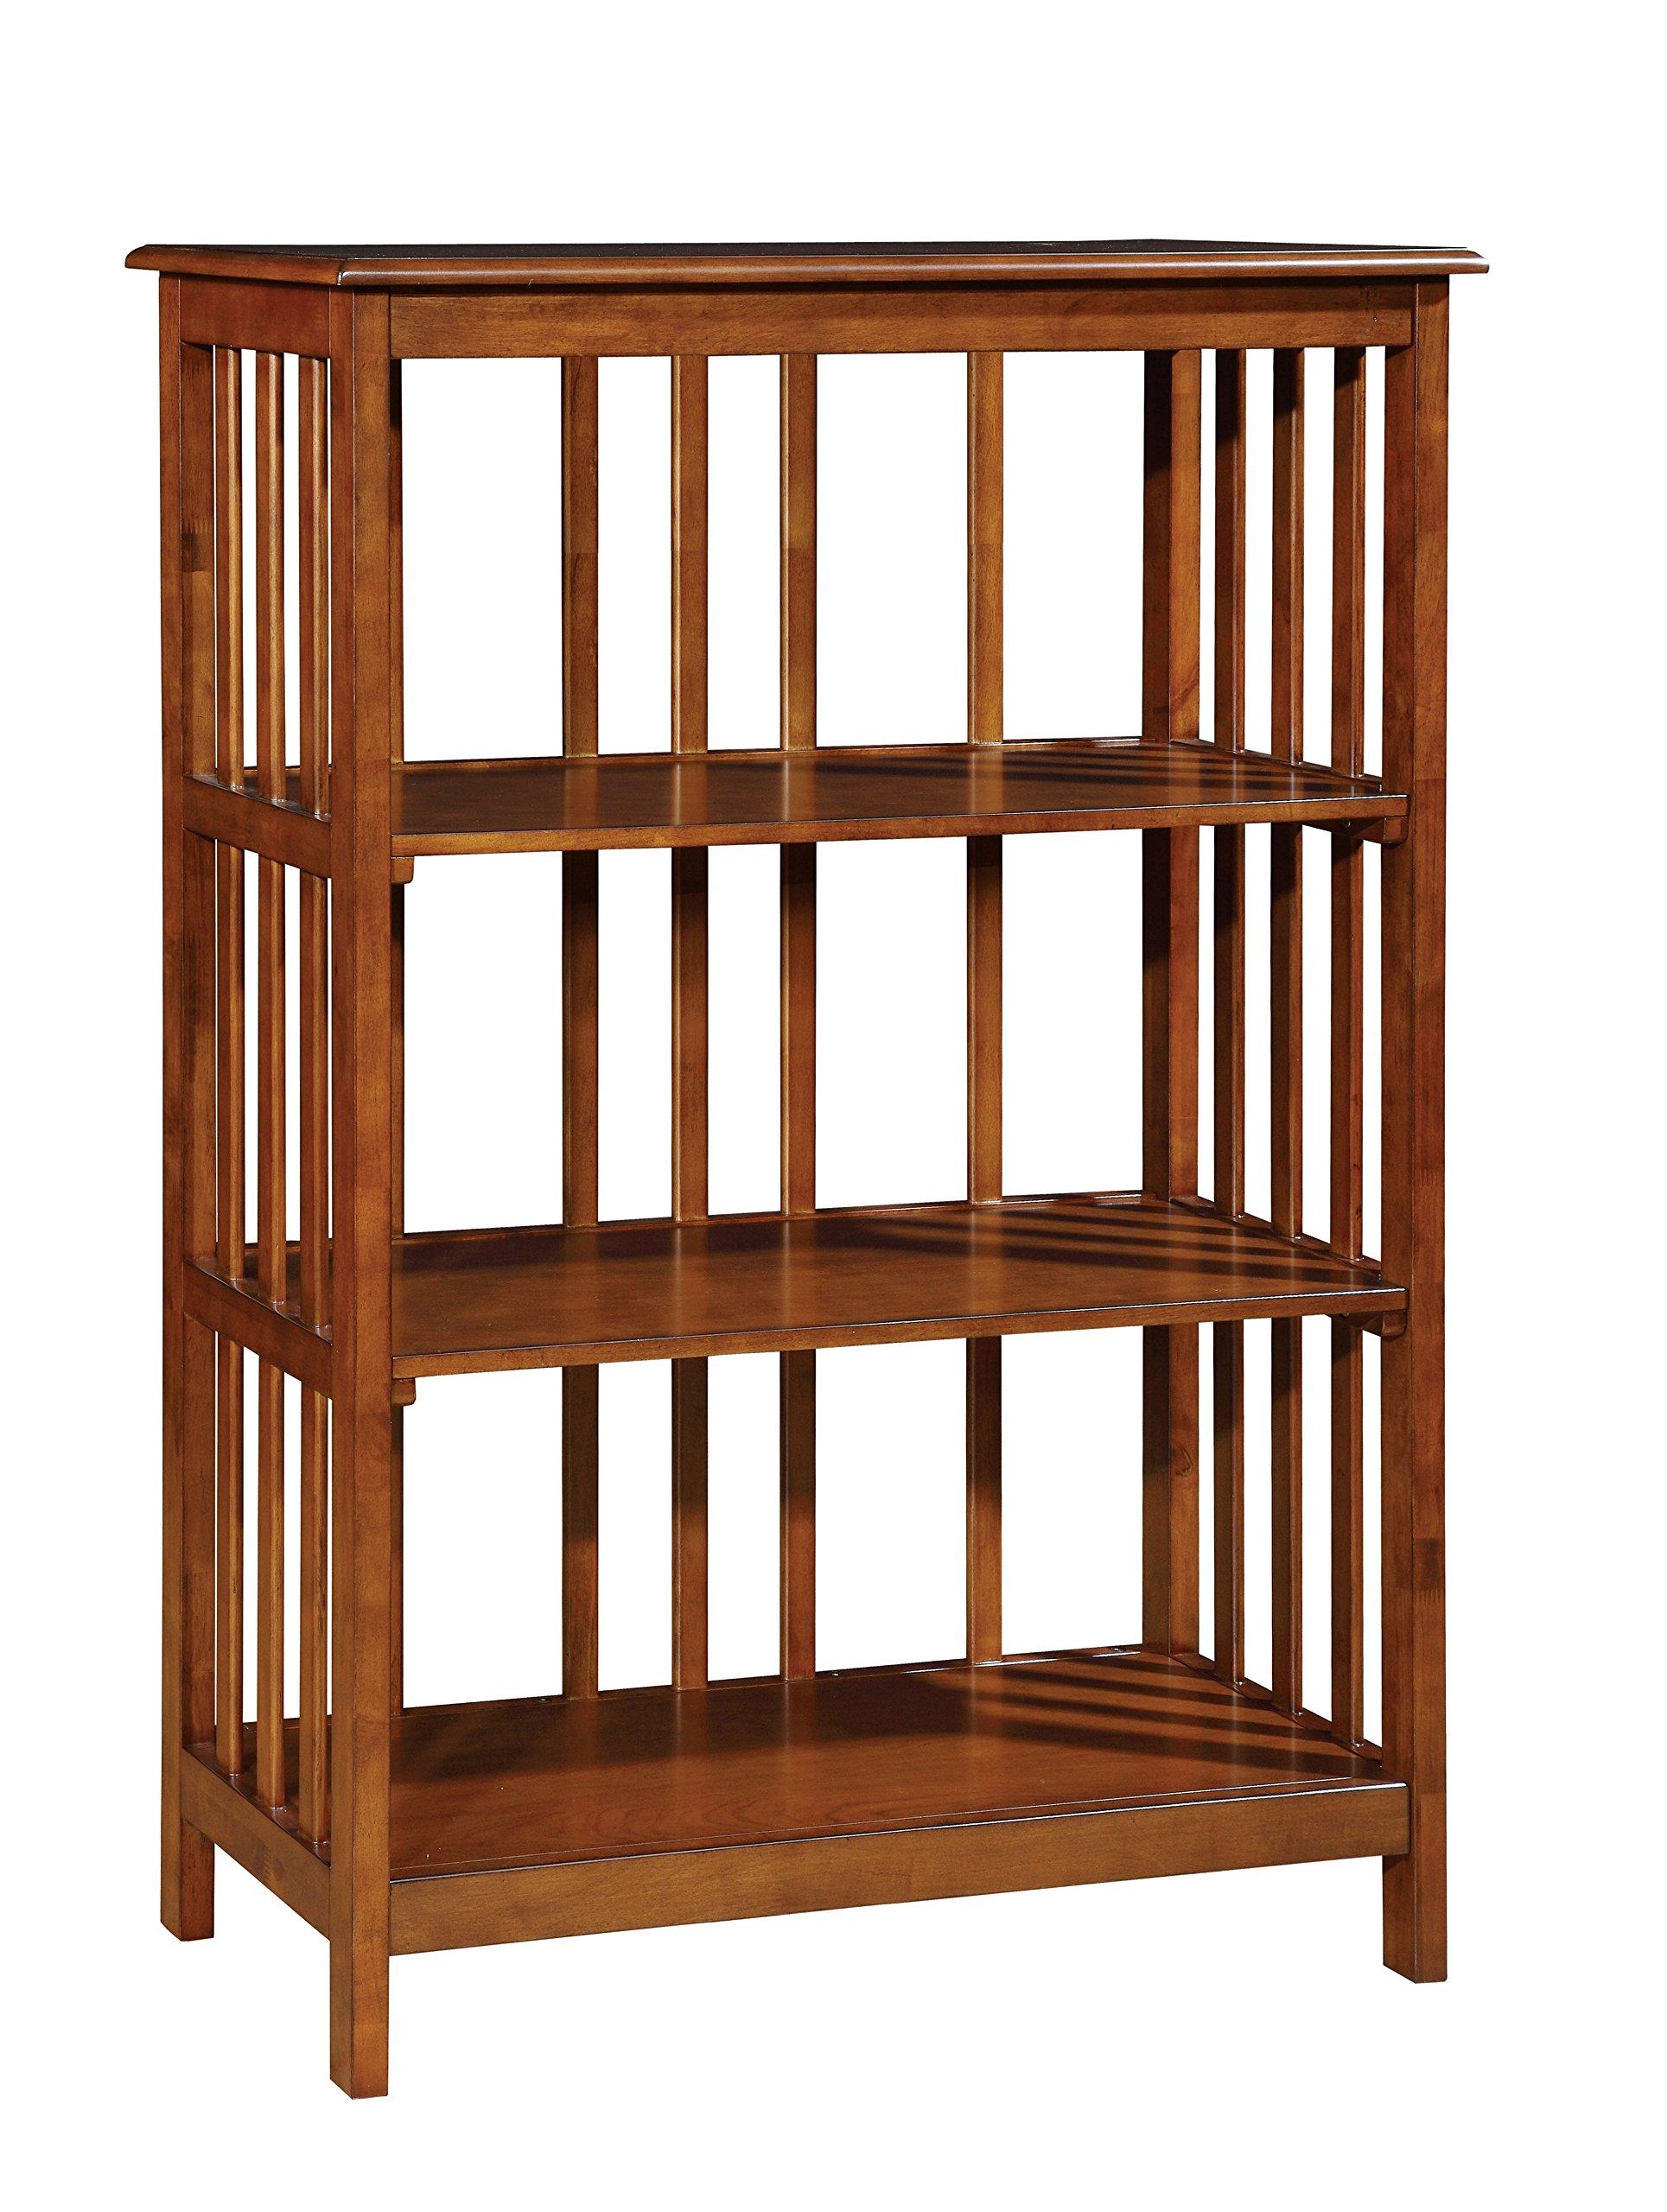 Furniture of America Padilla Mission 3-Tier Shelf, Oak by Furniture of America